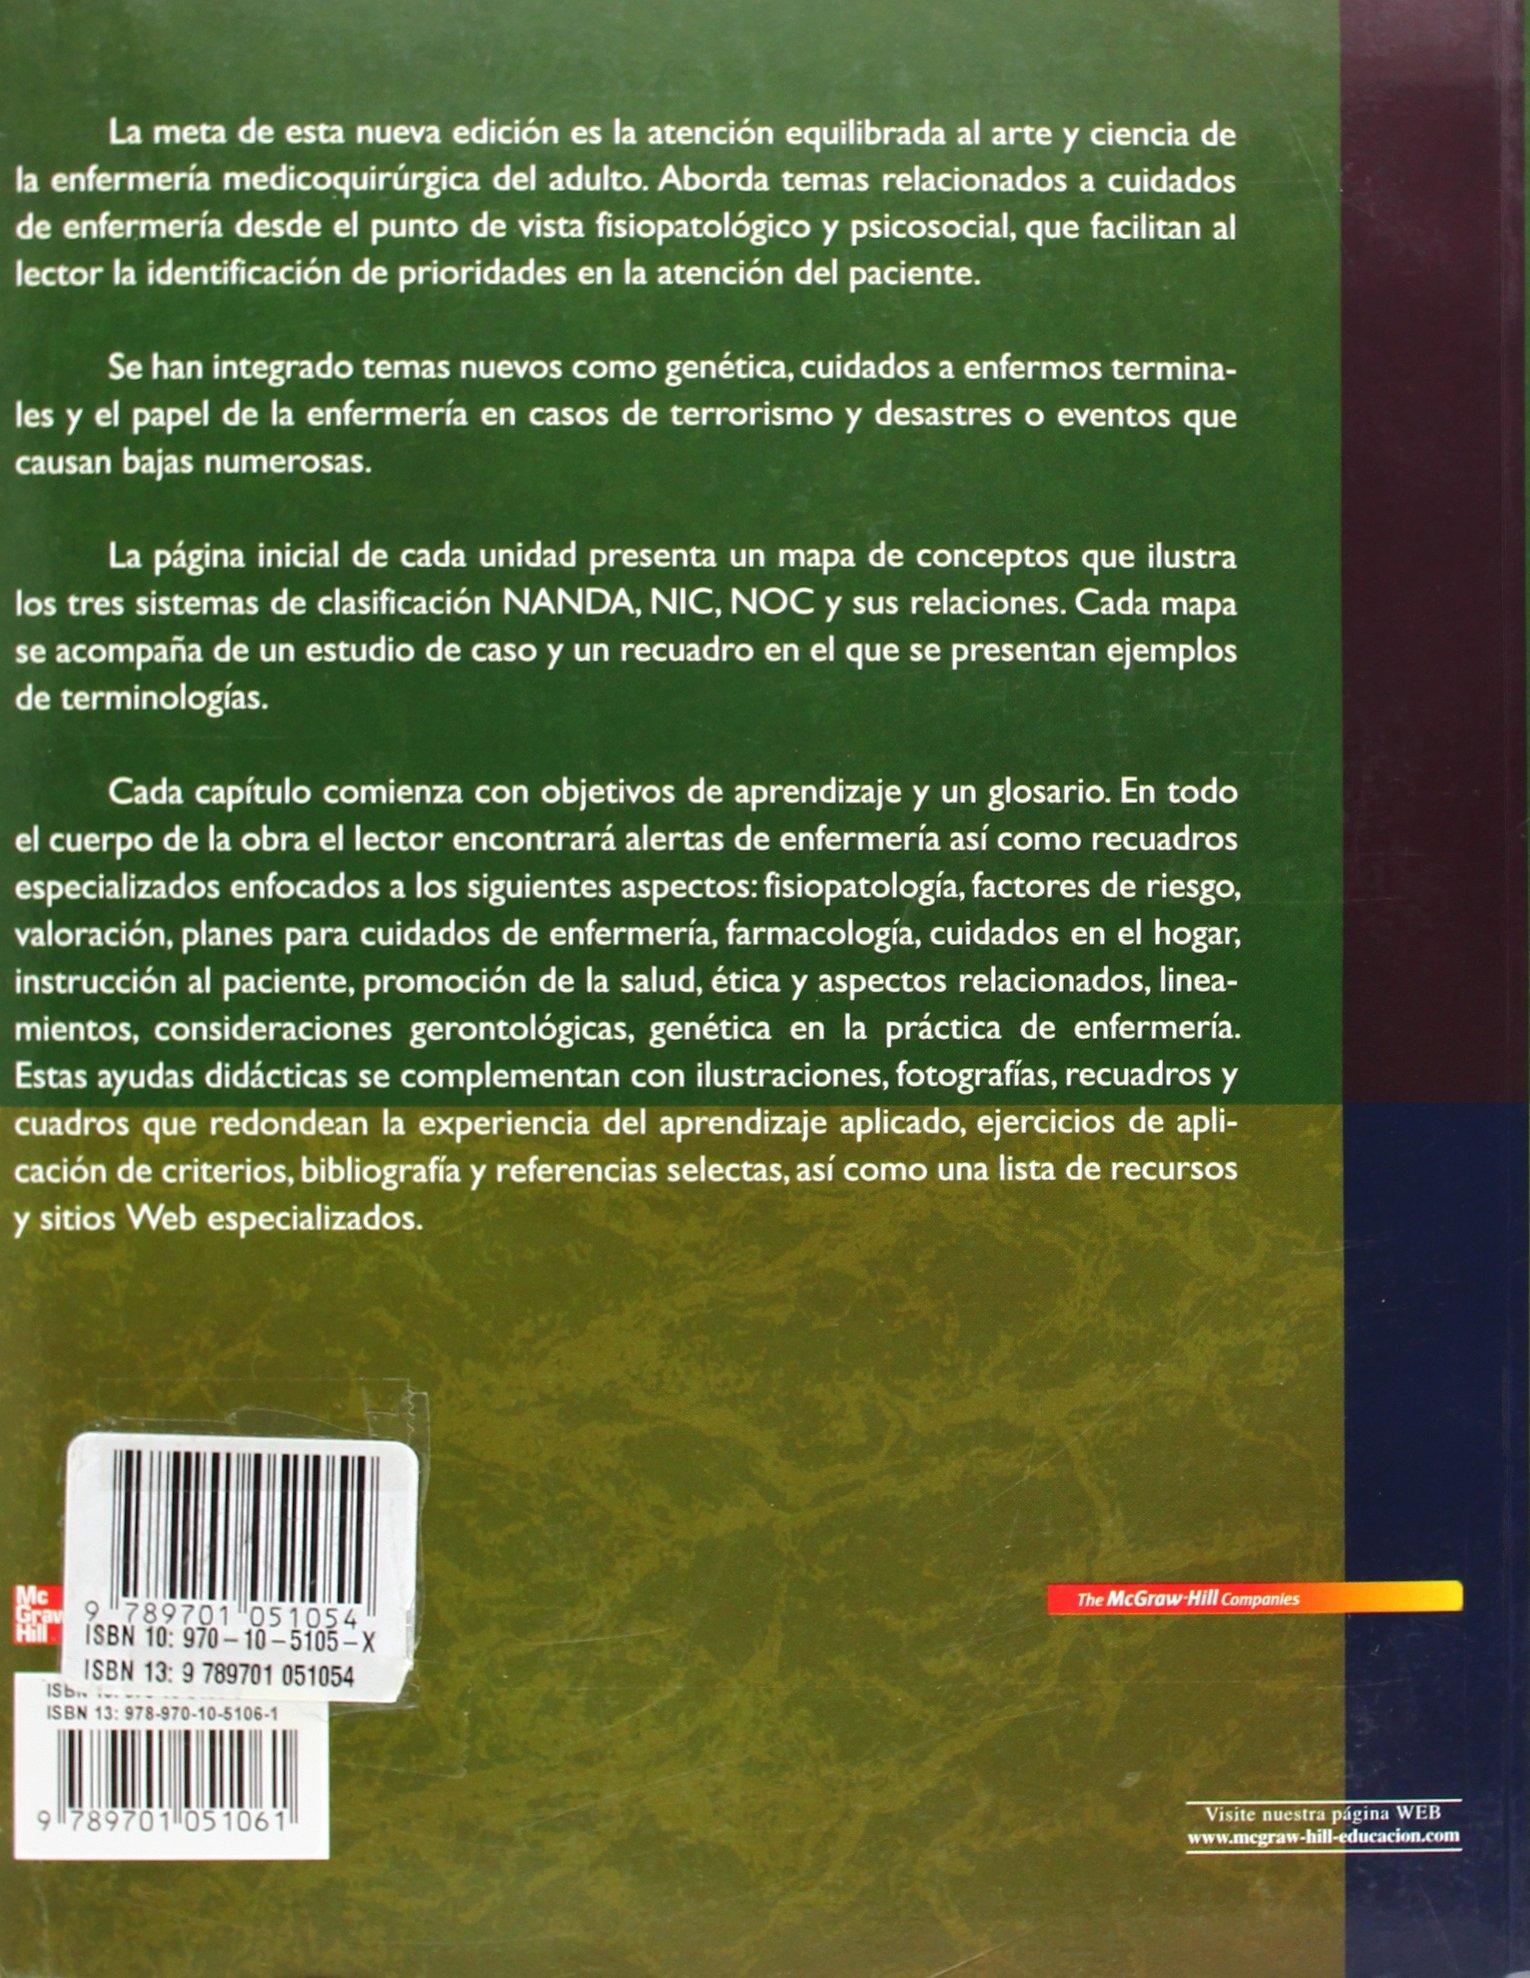 enfermeria medico quirurgica brunner y suddarth 10 edicion